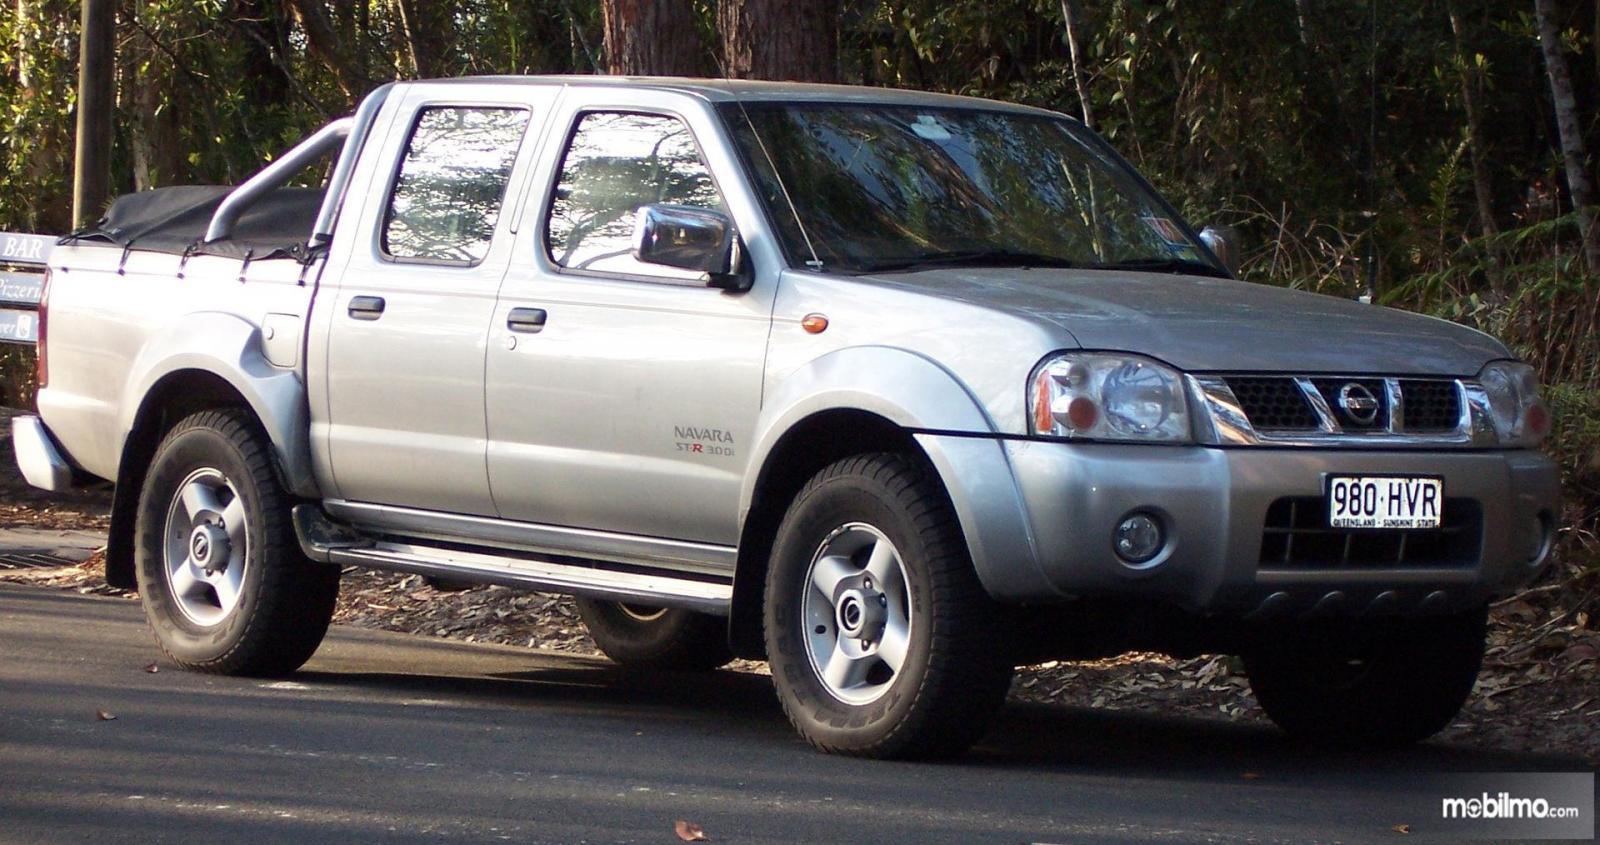 Foto Nissan Navara generasi pertama